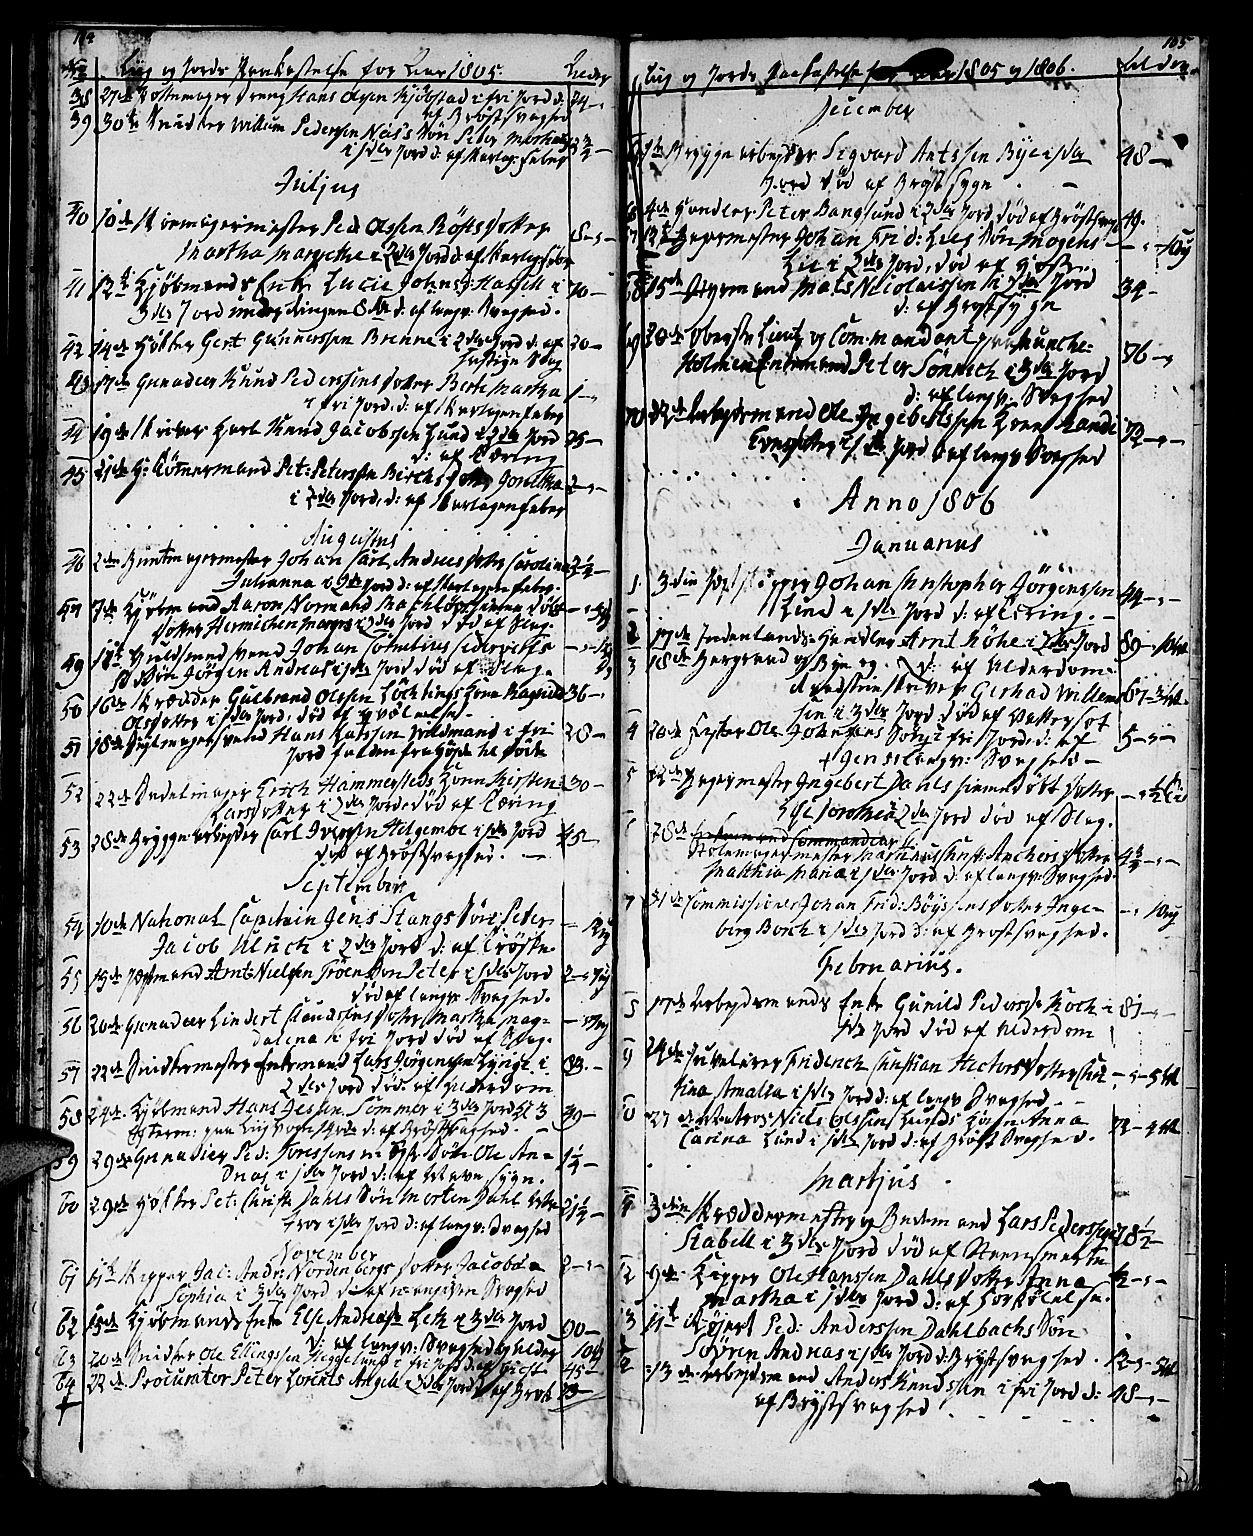 SAT, Ministerialprotokoller, klokkerbøker og fødselsregistre - Sør-Trøndelag, 602/L0134: Klokkerbok nr. 602C02, 1759-1812, s. 104-105